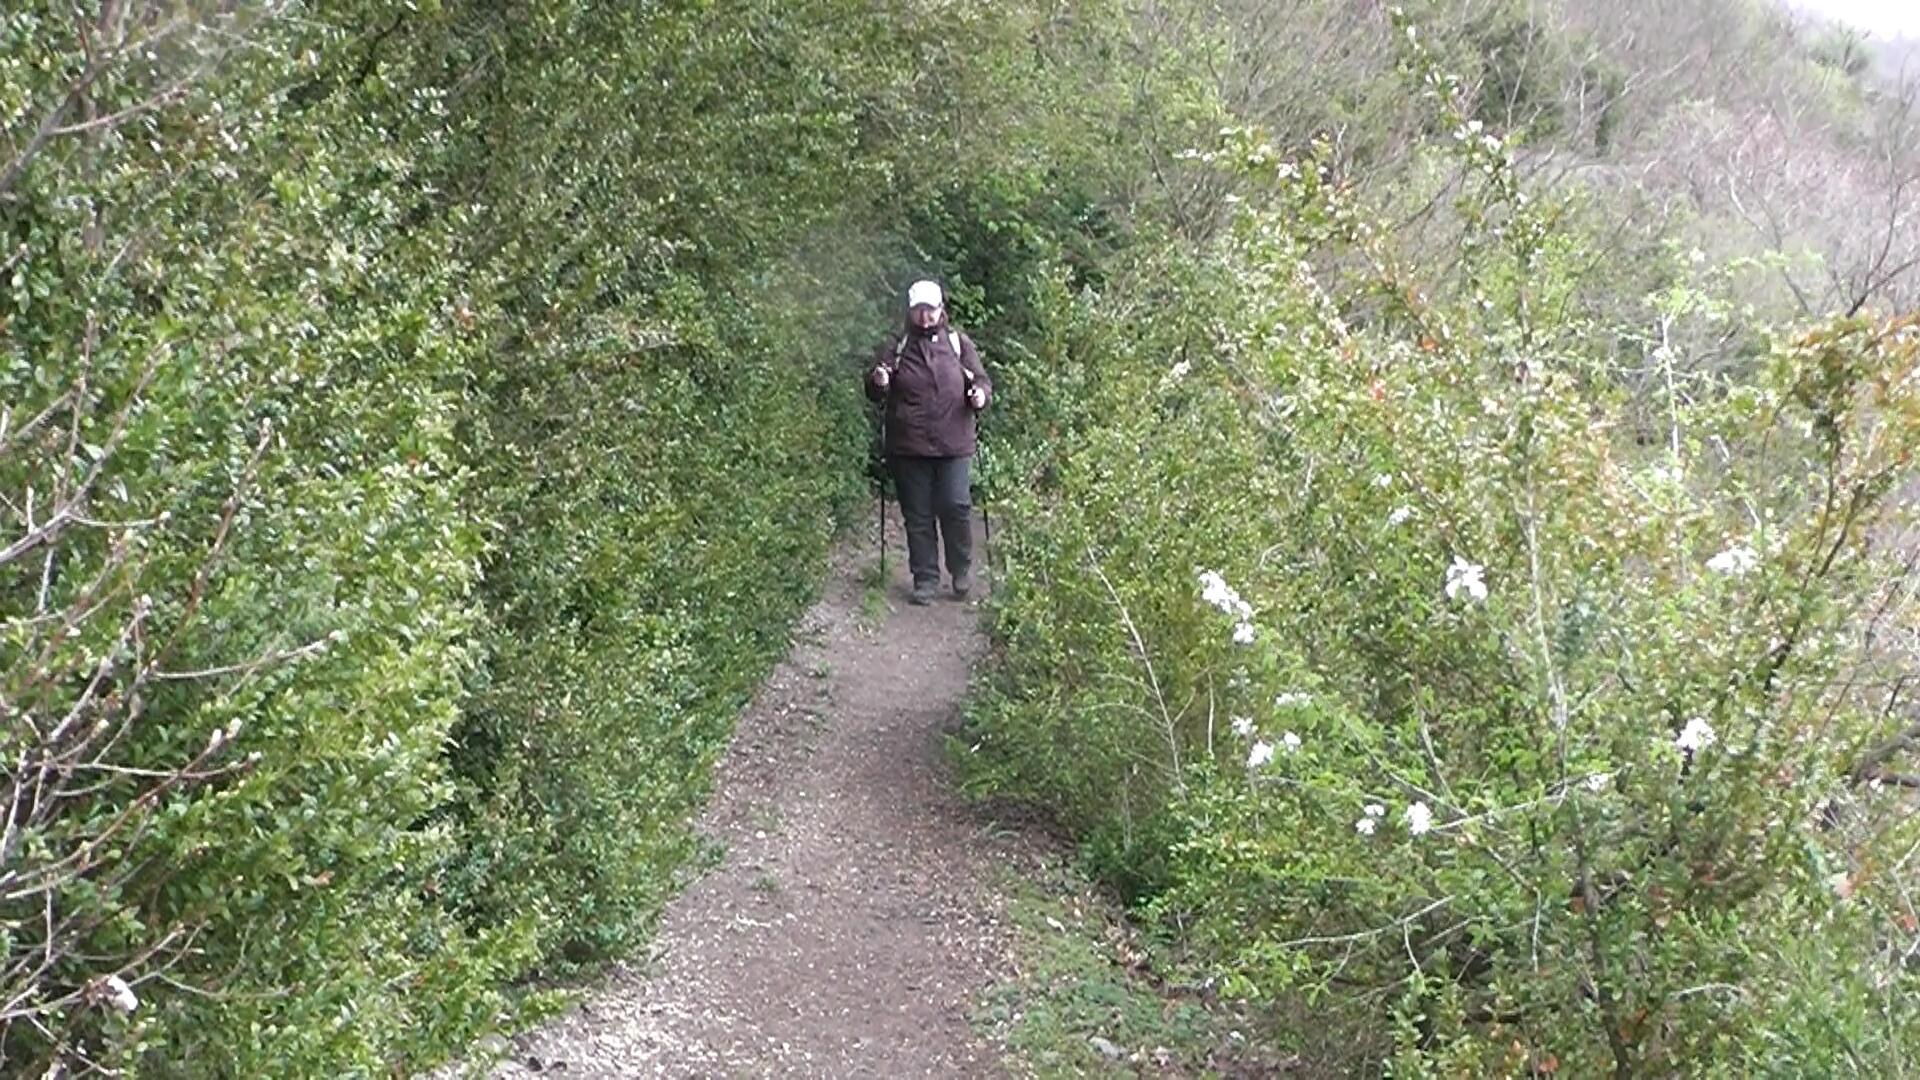 buchsbaum-wanderpfad1